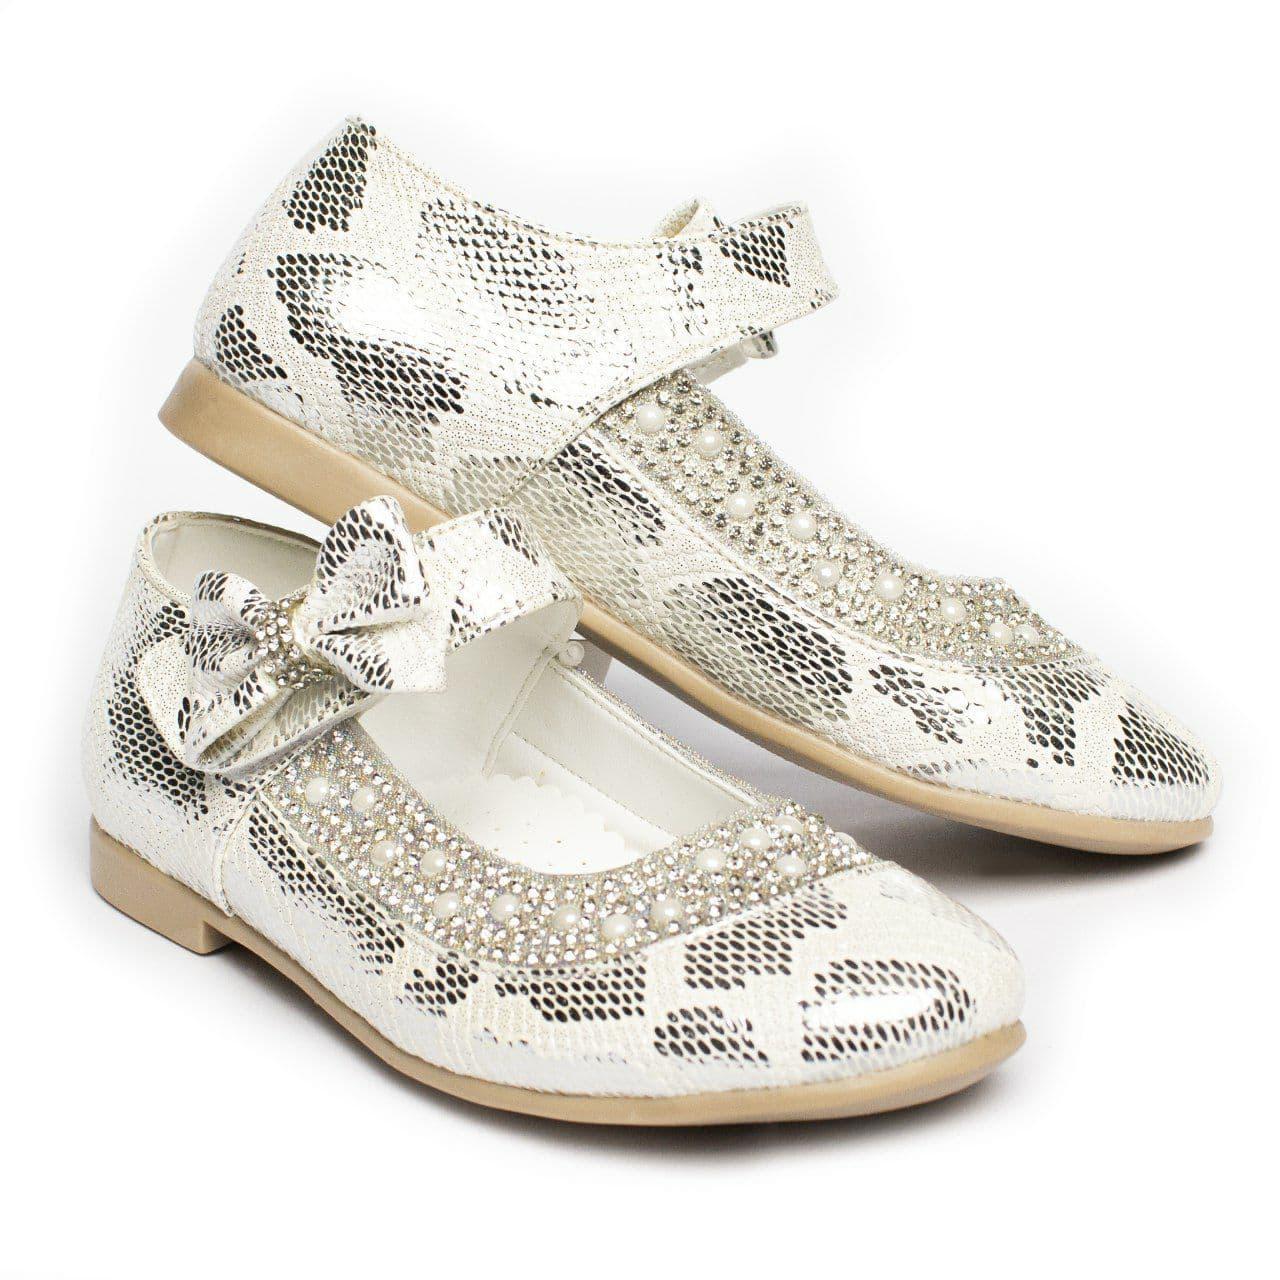 Нарядные туфли для девочки, размеры 26, 27